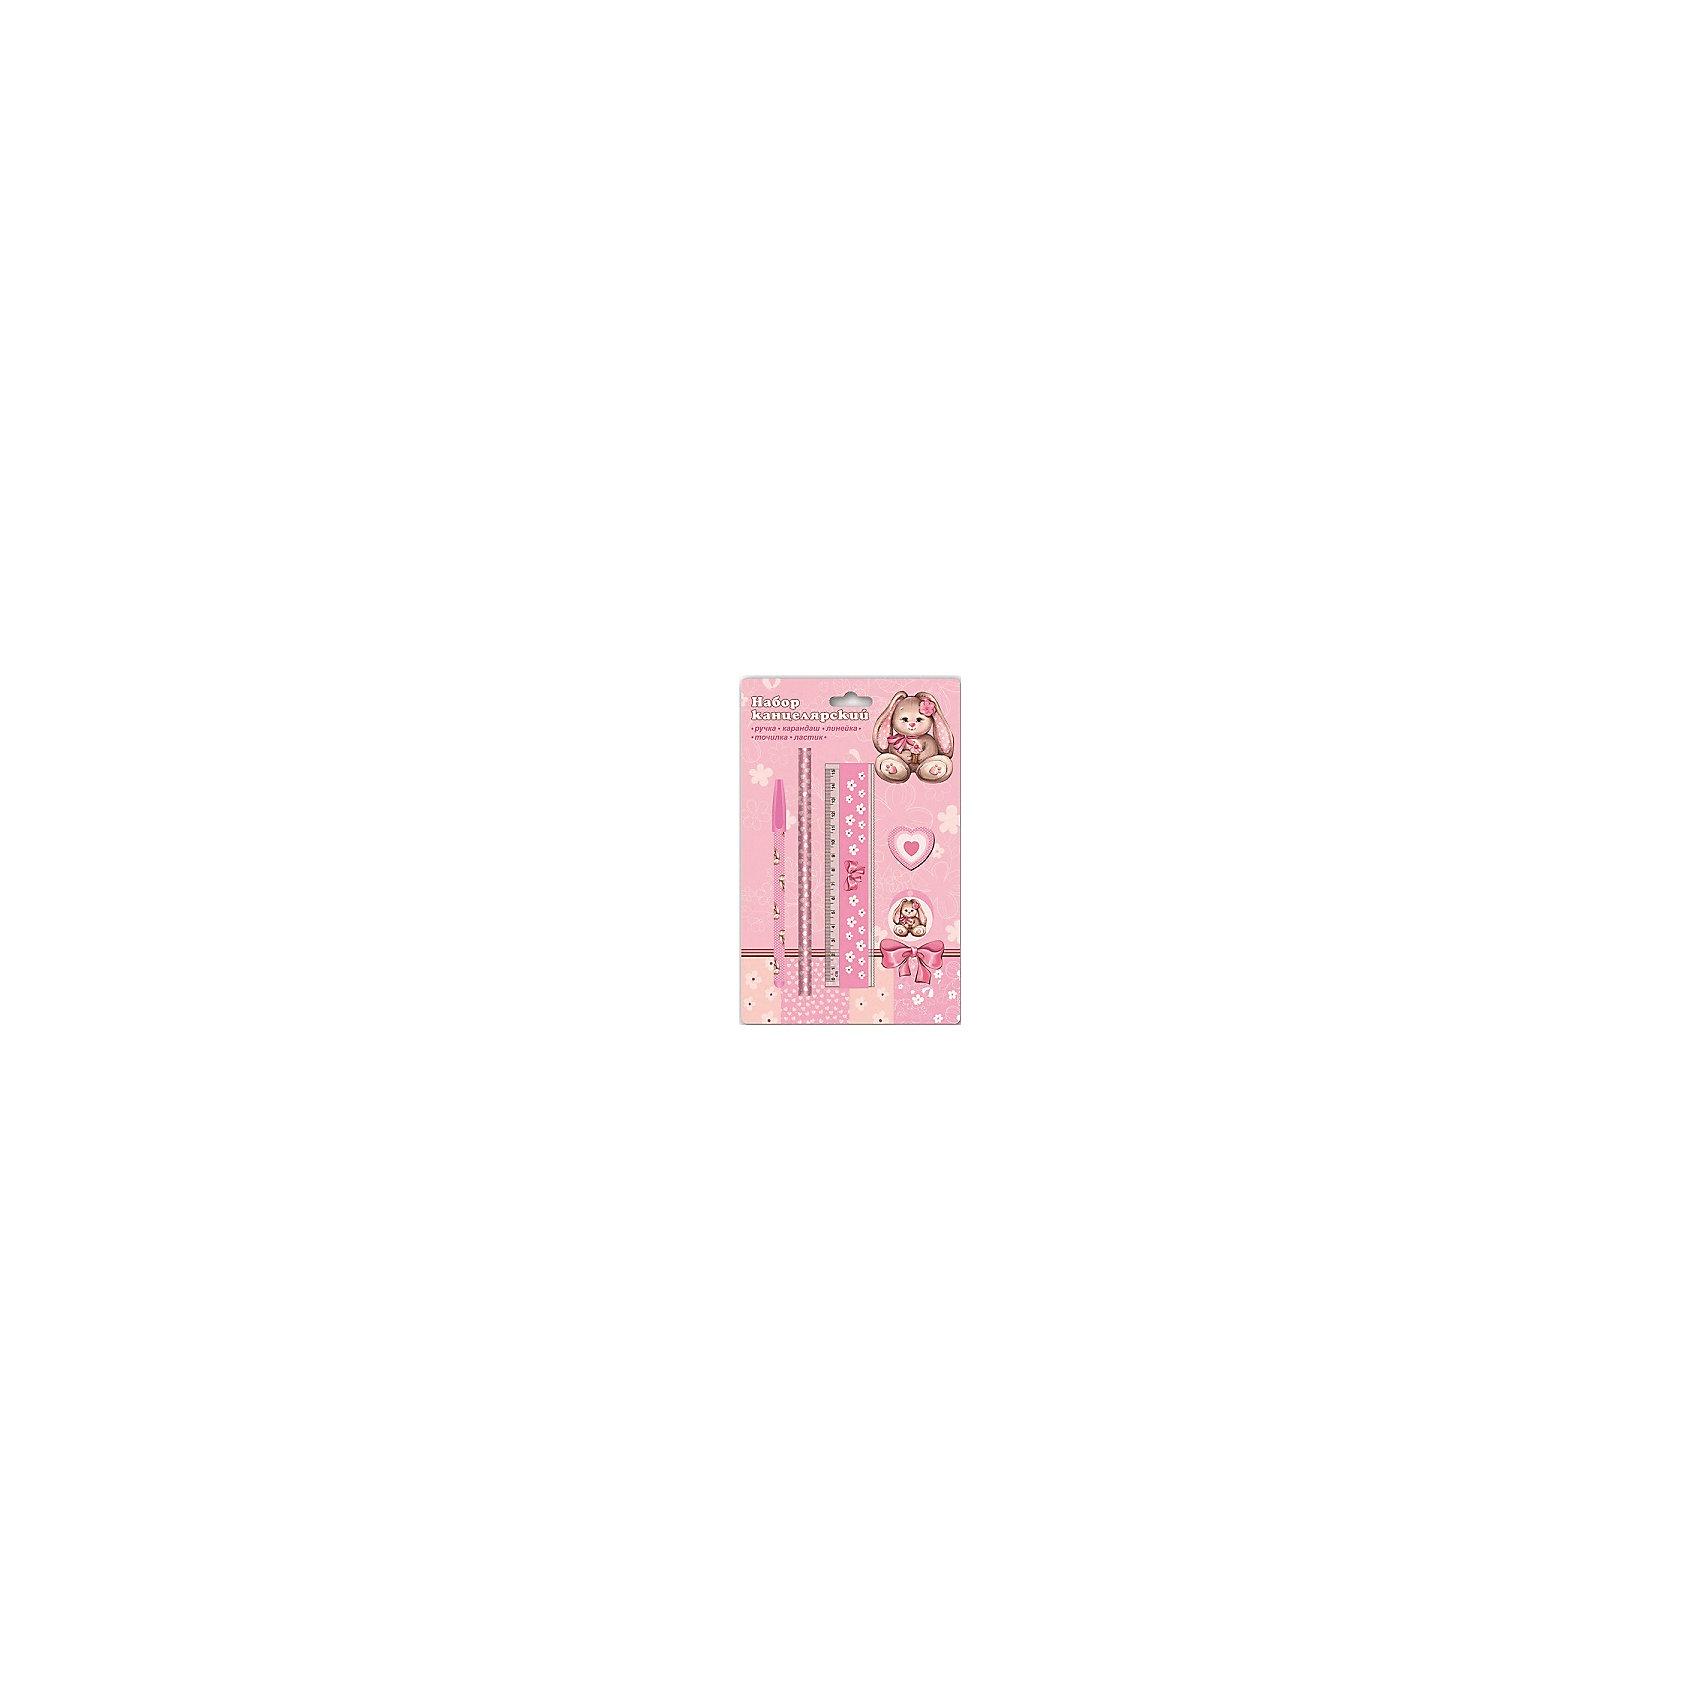 Феникс+ Канцелярский набор Зайка, 5 предметов академия групп канцелярский набор точилка ластик barbie